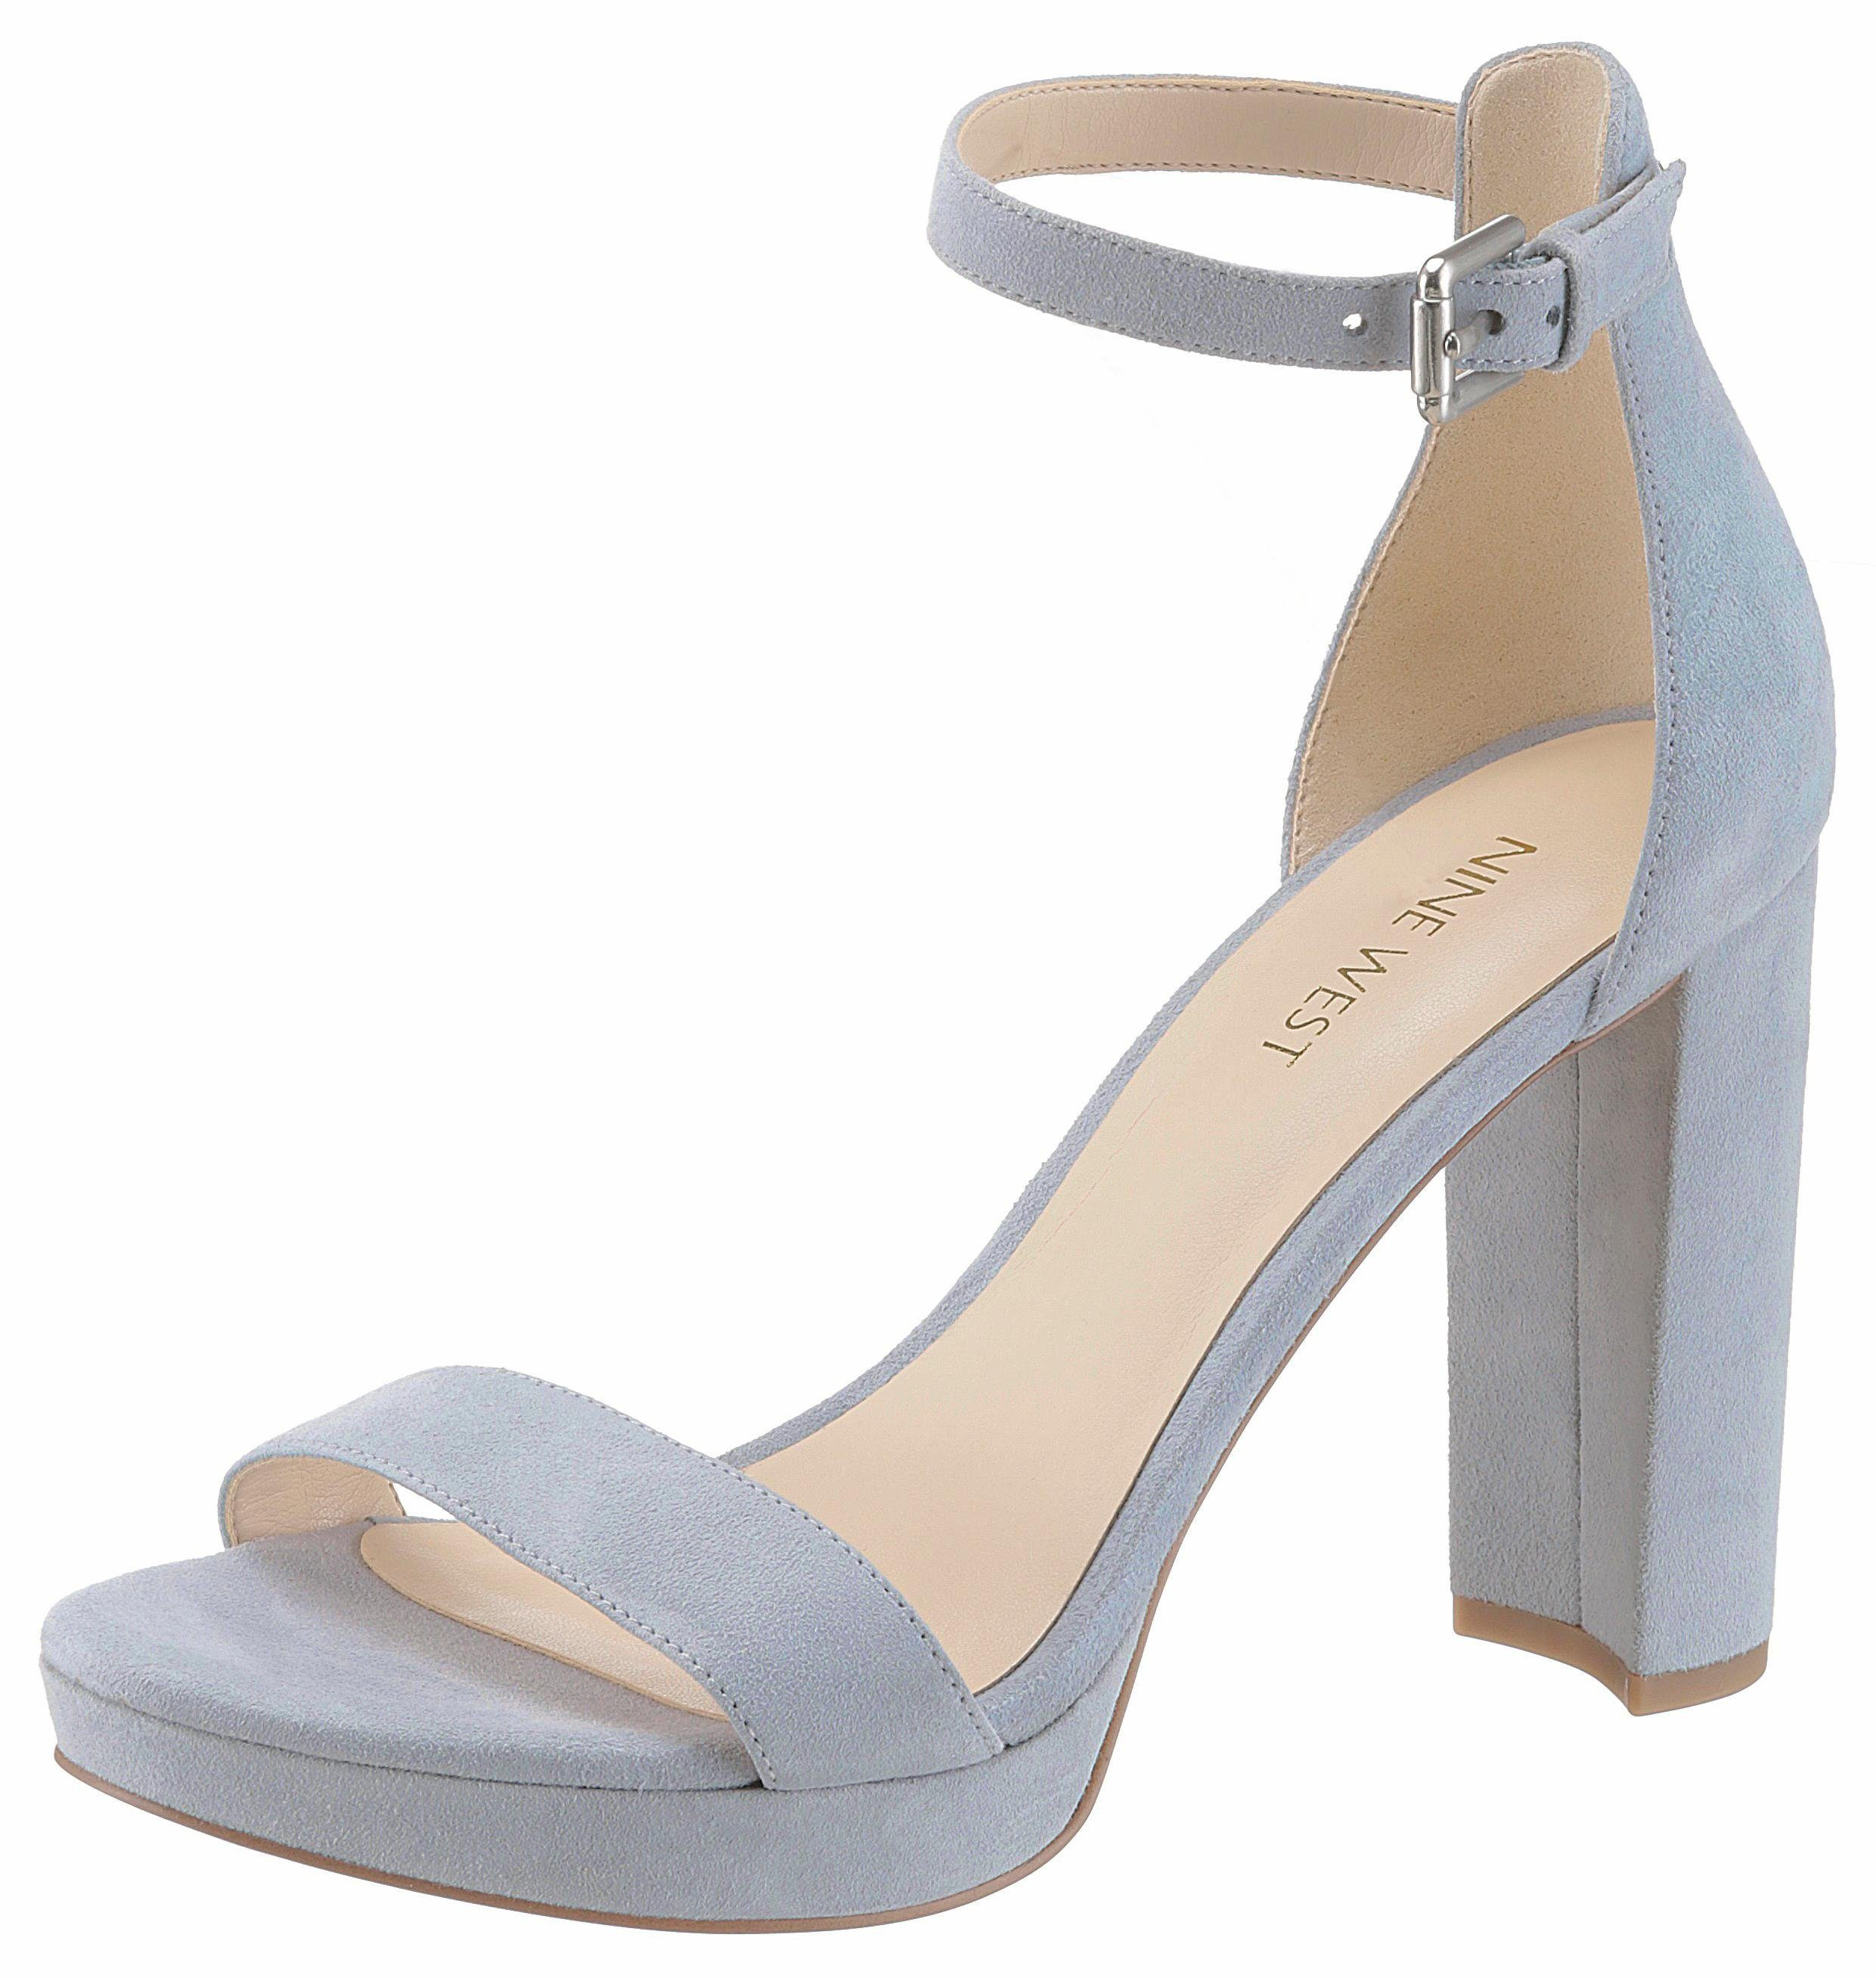 Nine West Dempsey High-Heel-Sandalette, mit Fesselriemchen online kaufen  hellblau